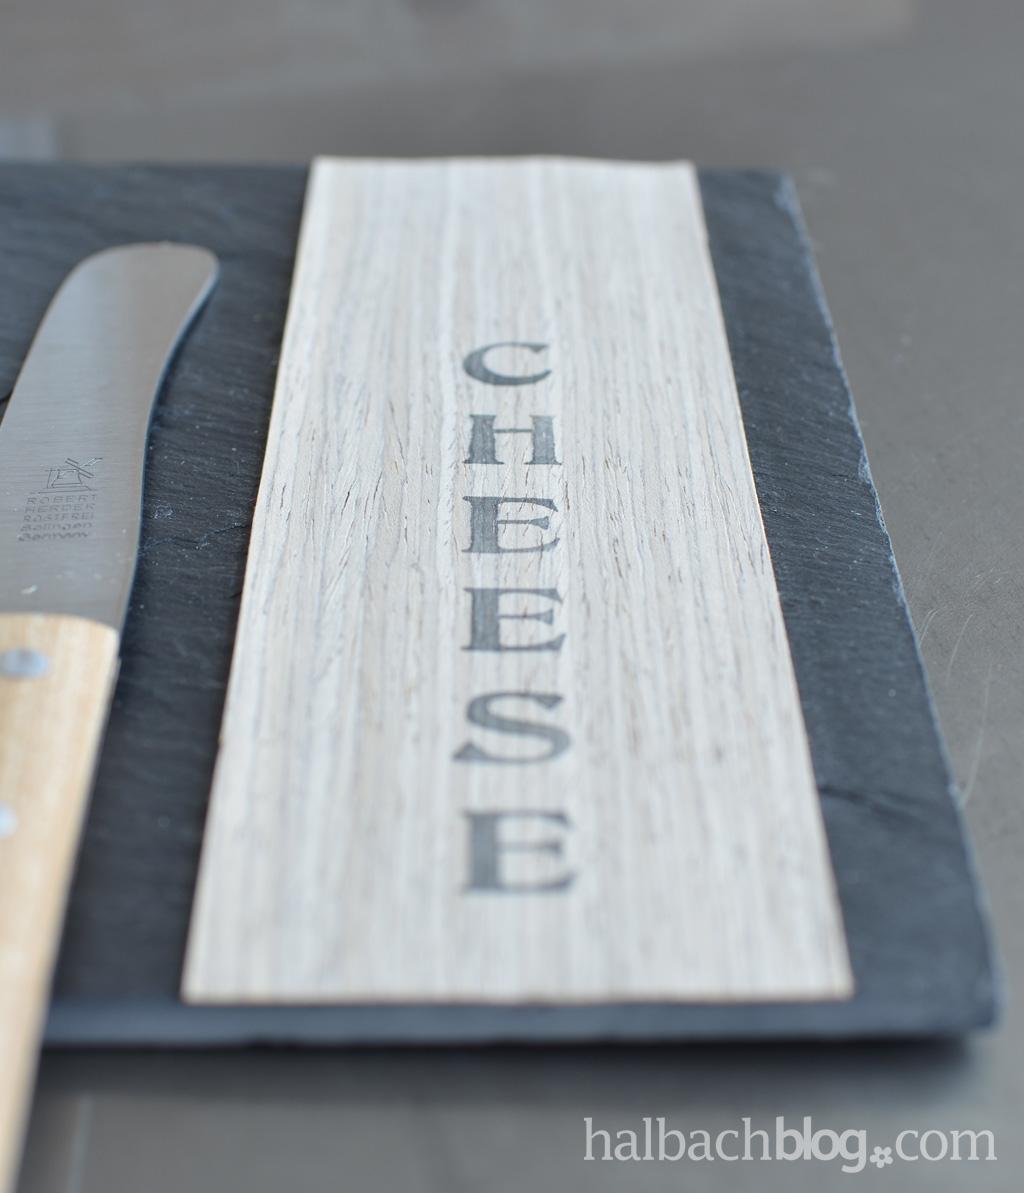 DIY-Idee Halbachblog: Schieferplatte mit selbstklebendem Holzfurnier-Stoff zum stylishen Käsebrett pimpen; mit Stempelschriftzug